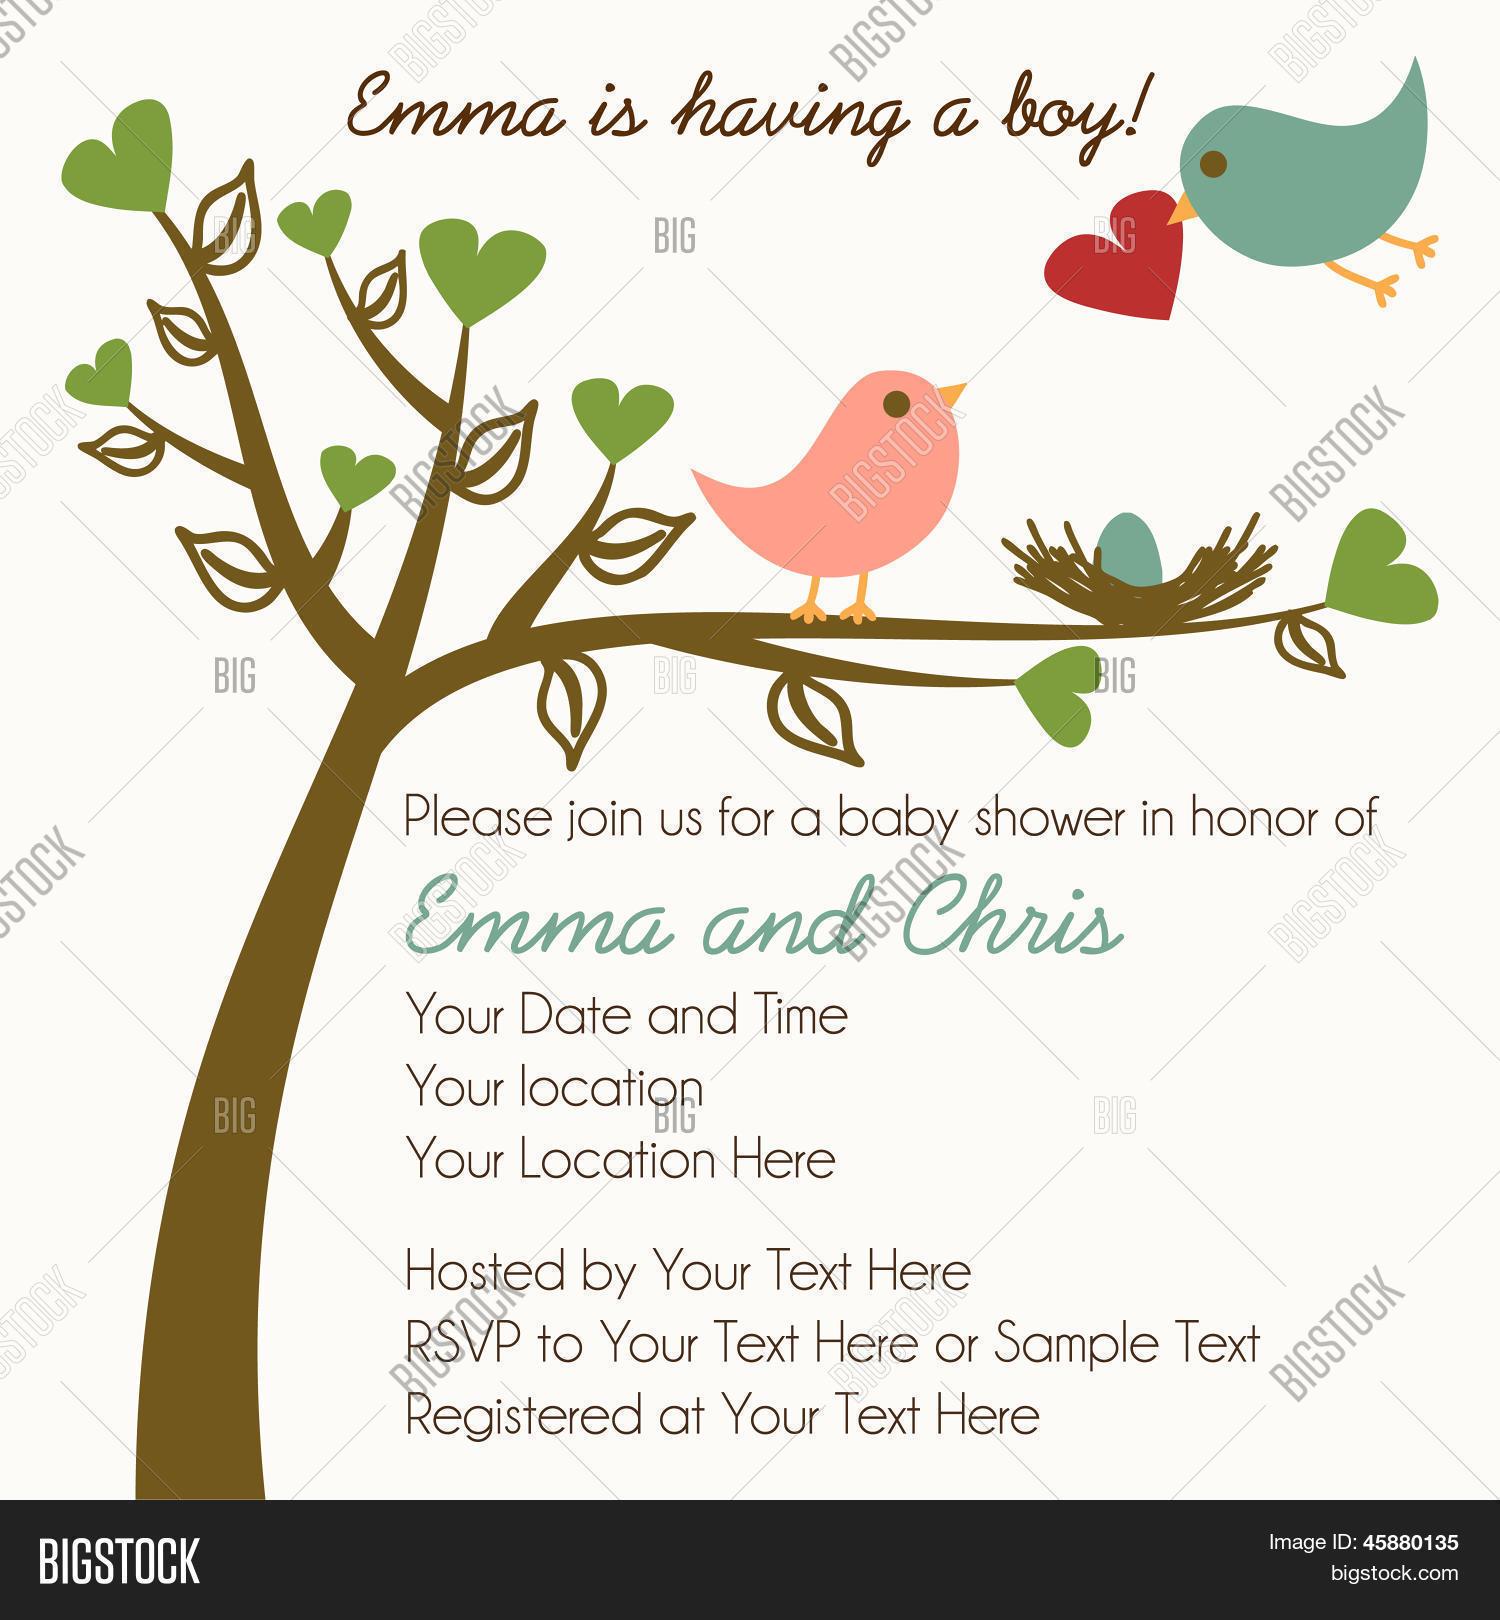 Family Baby Shower Invitations: Bird Family Baby Shower Invitation Vector & Photo